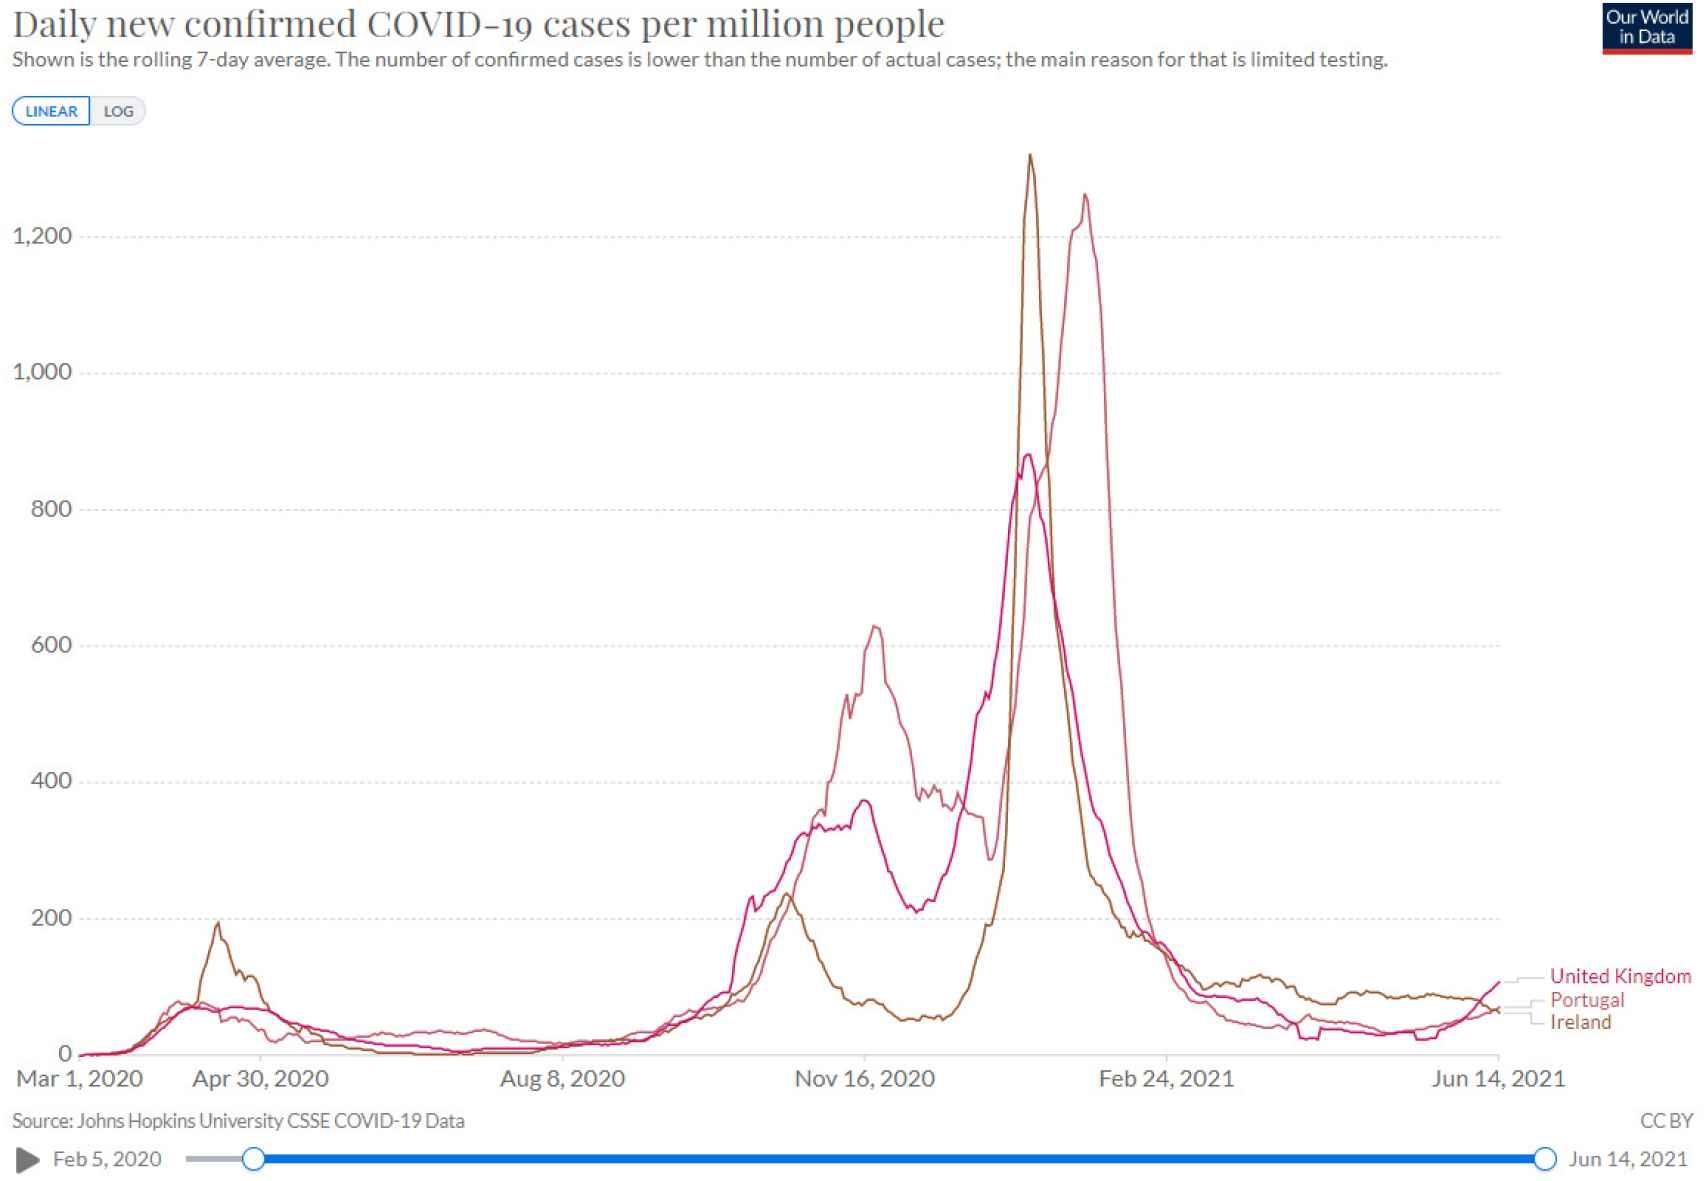 Evolución de la pandemia en Reino Unido, Irlanda y Portugal.